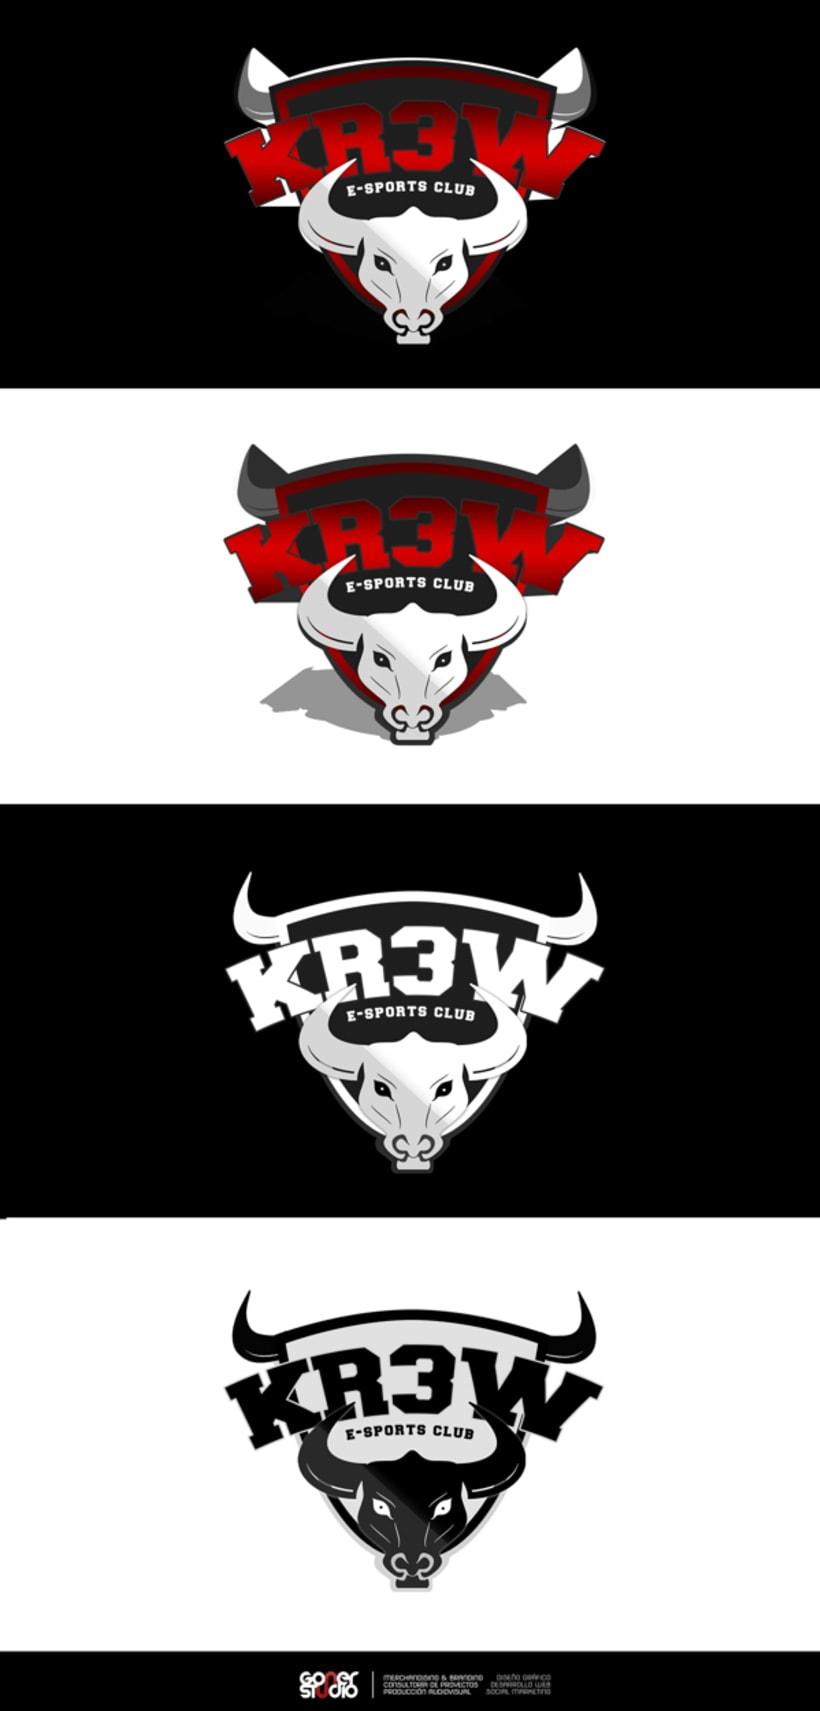 KR3W eSports Club -1